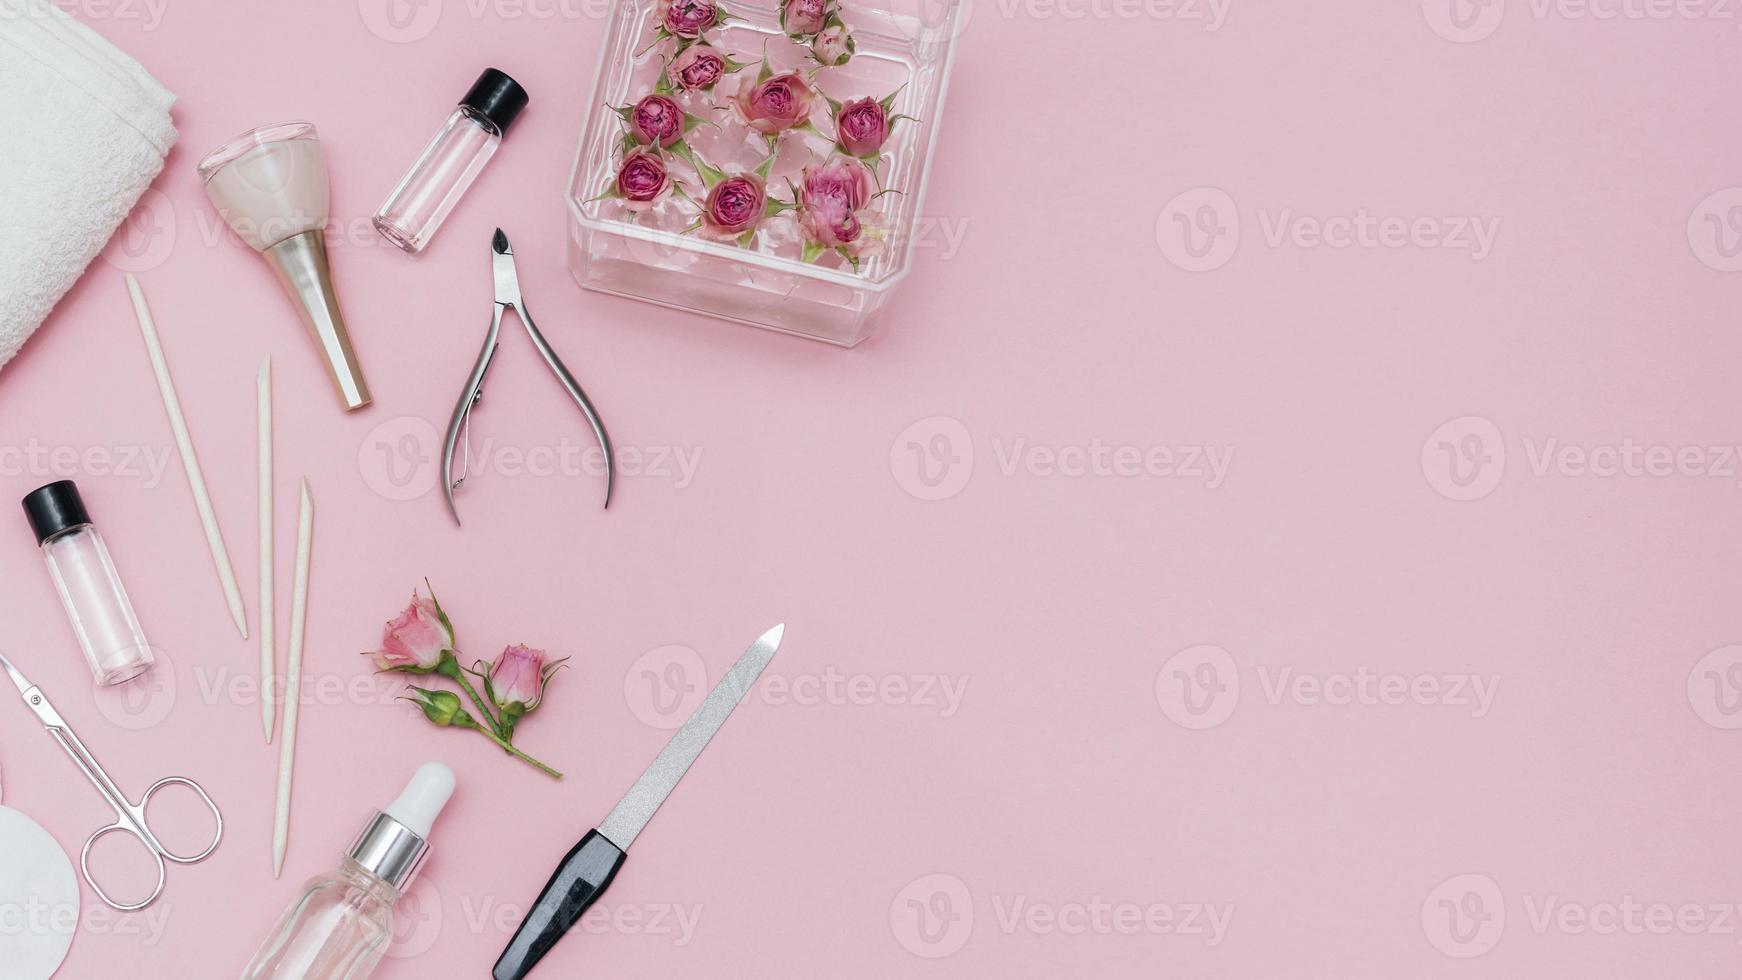 Disposición de accesorios para el cuidado de las uñas sobre fondo rosa. foto